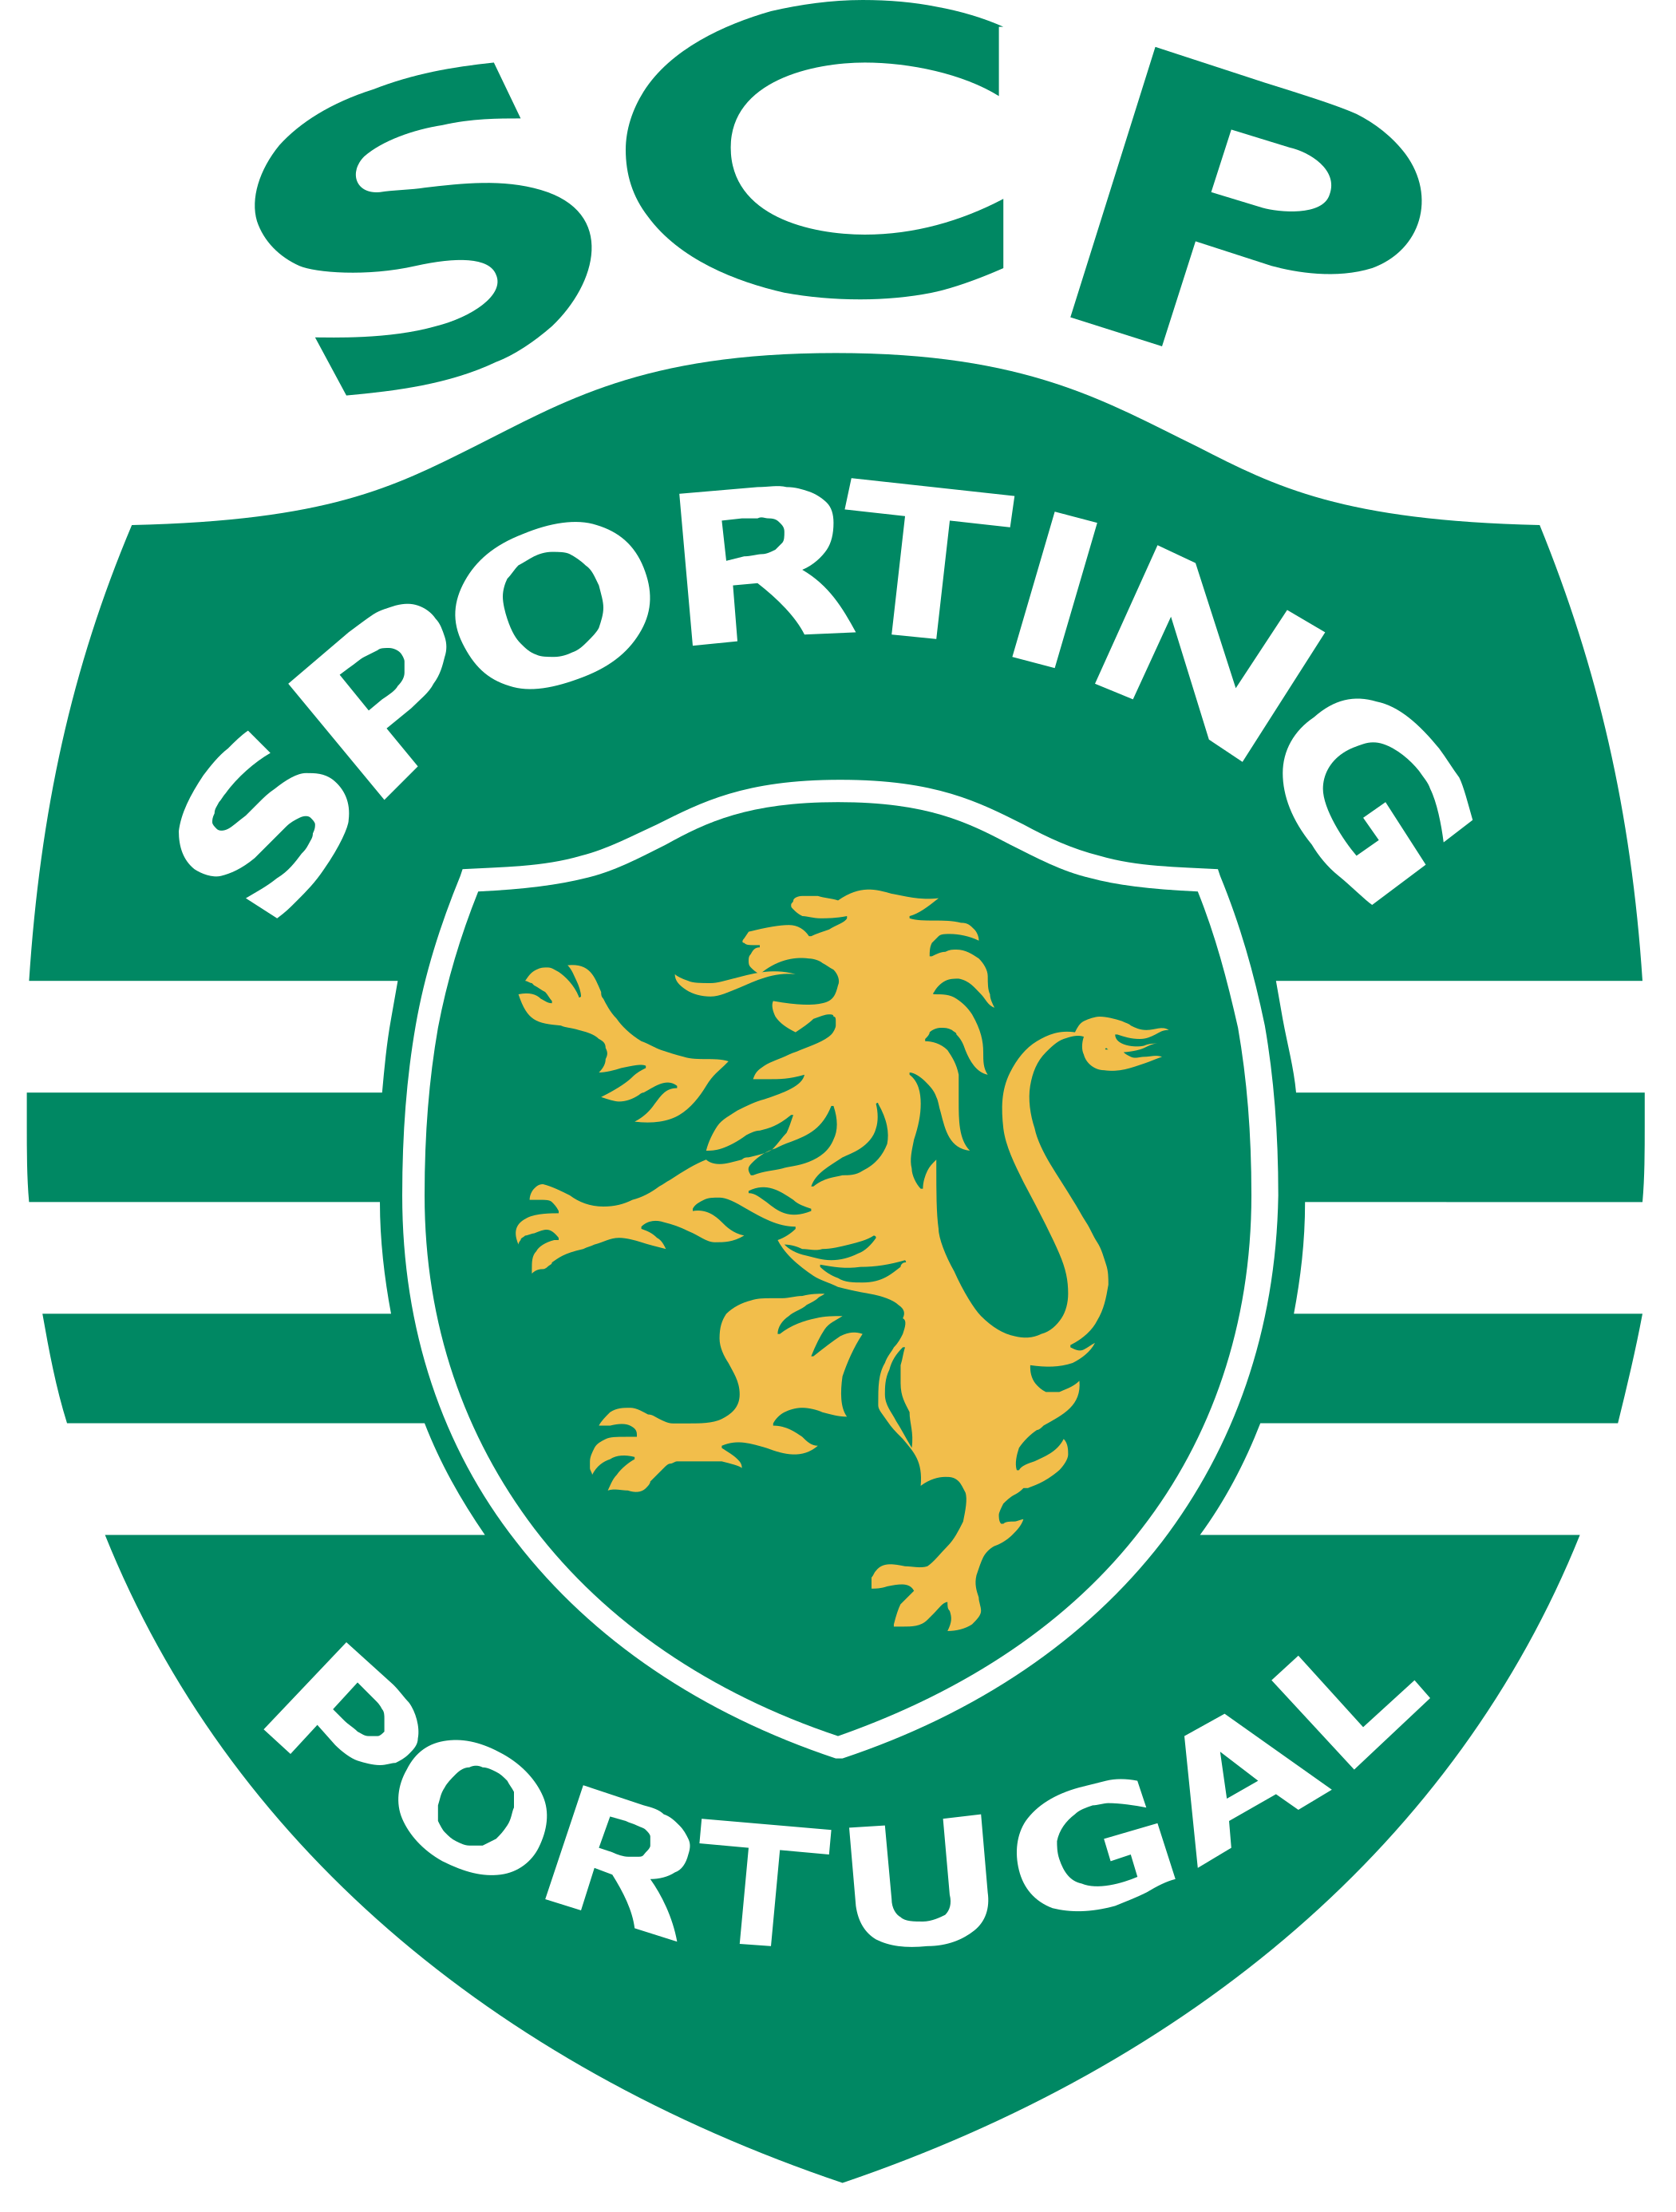 sporting clube de portugal logo escudo 1 - Sporting Logo - Sporting Clube de Portugal Escudo